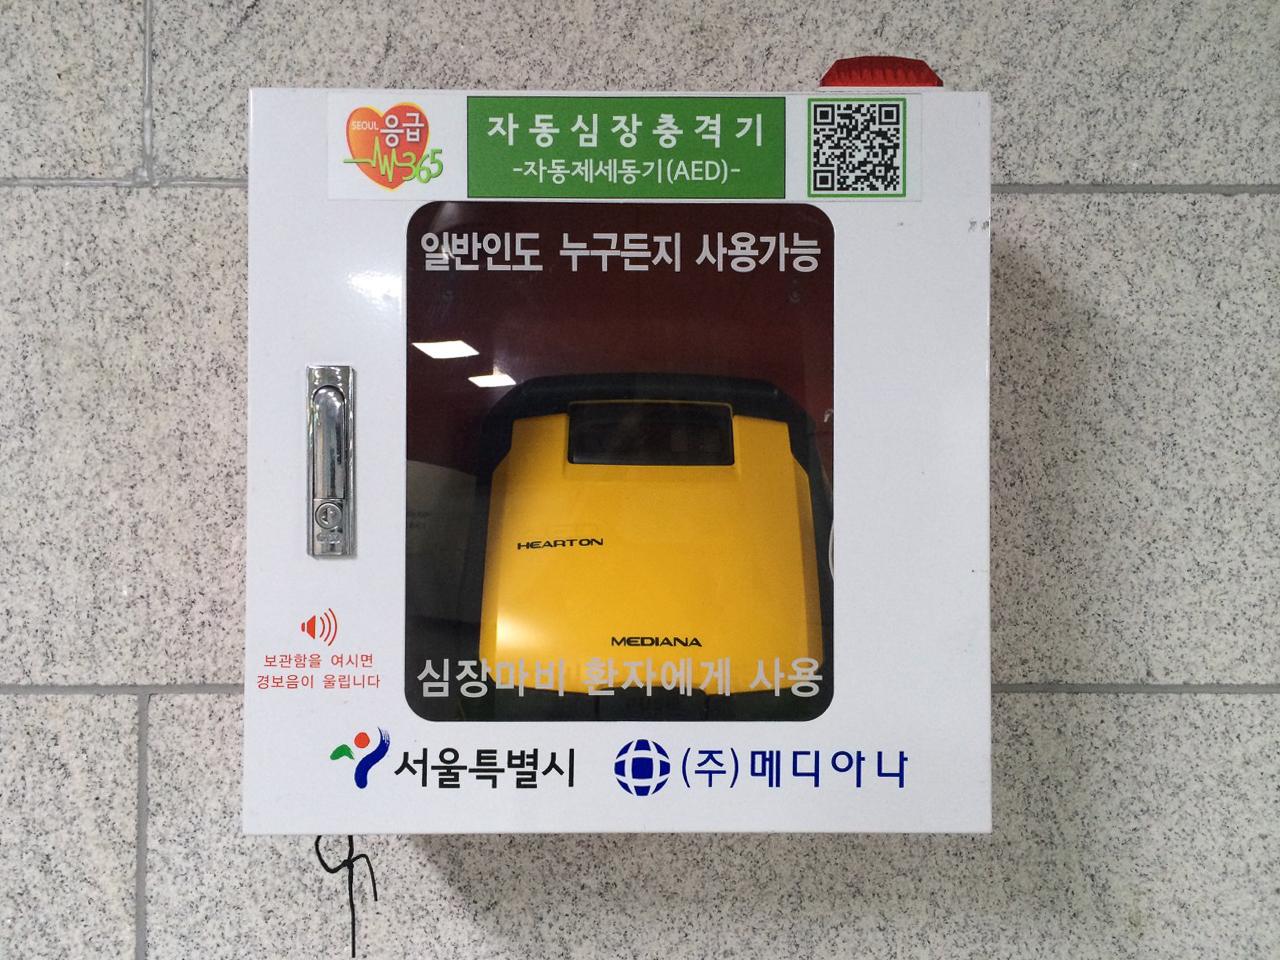 Заметки о Корее: Дефибриллятор в метро